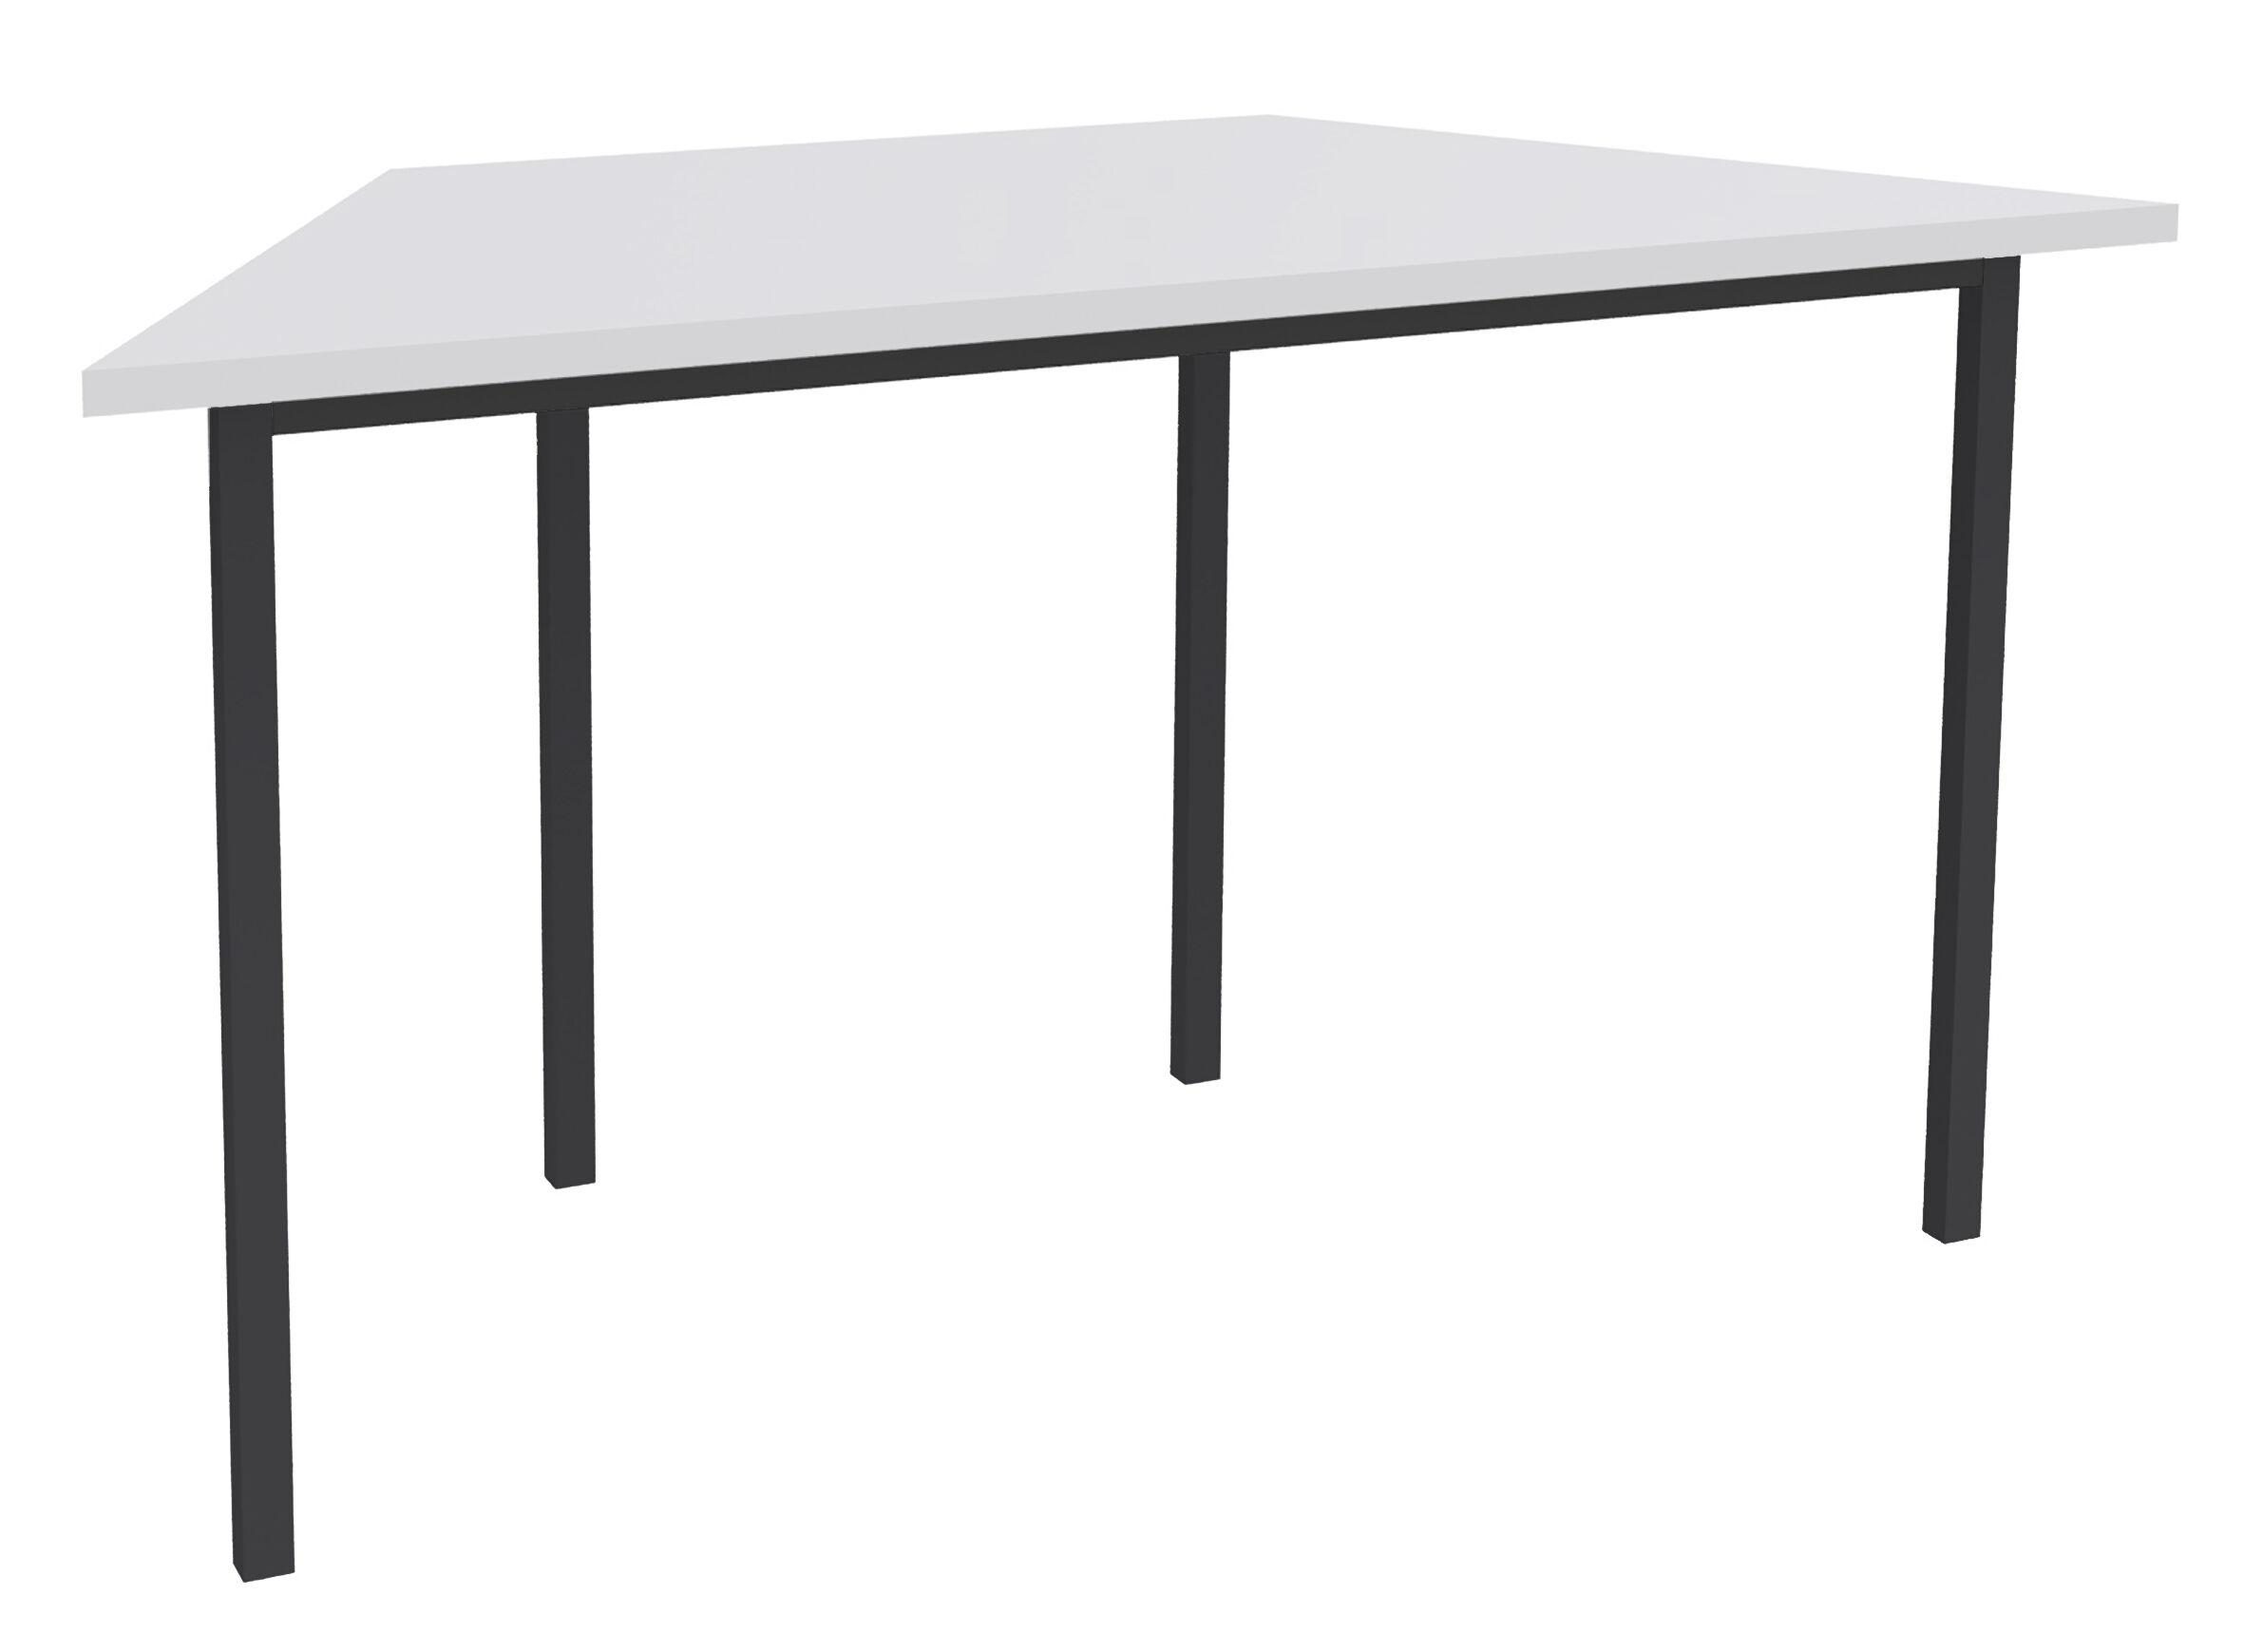 Table de réunion Trapèze - 120 x 60 cm - Pieds anthracite - Blanc perle